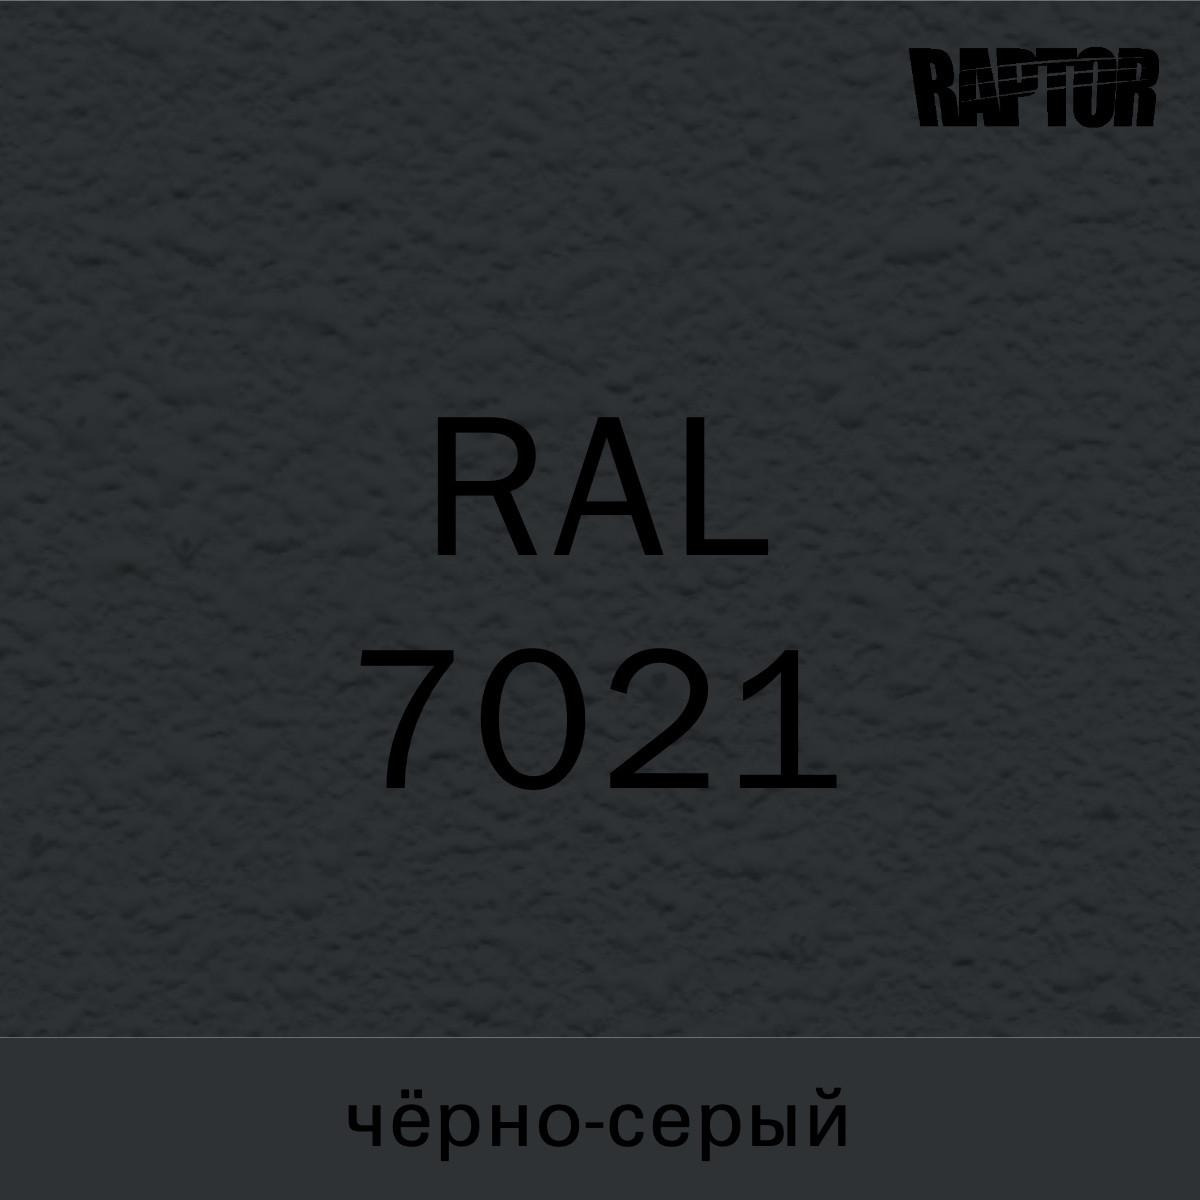 Пигмент для колеровки покрытия RAPTOR™ Чёрно-серый (RAL 7021)